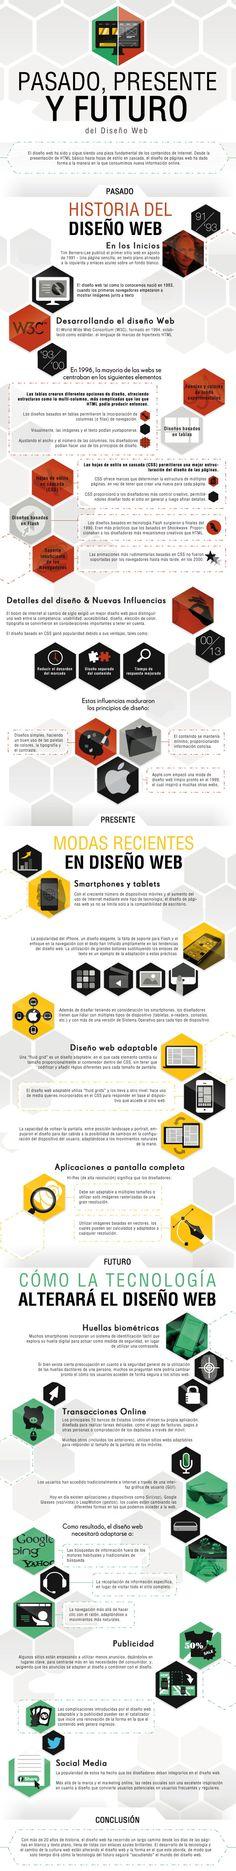 El diseño web: pasado, presente y futuro [Infografía] - Kimera ideas y marketing